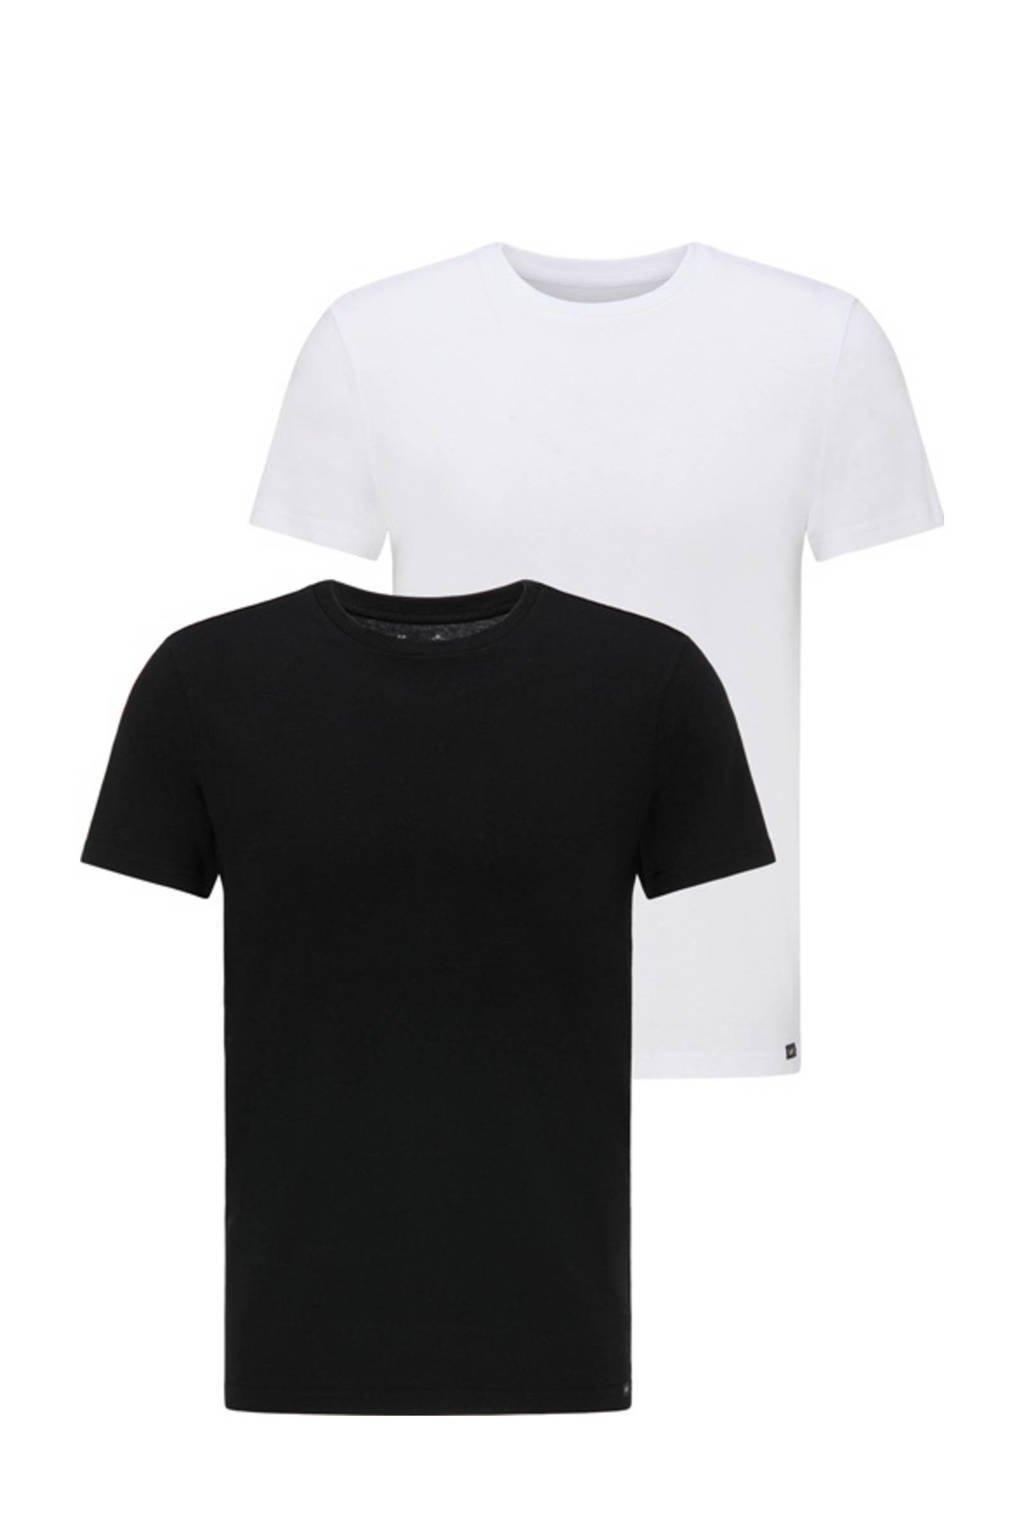 Lee T-shirt (set van 2 ) zwart/wit, Zwart/wit